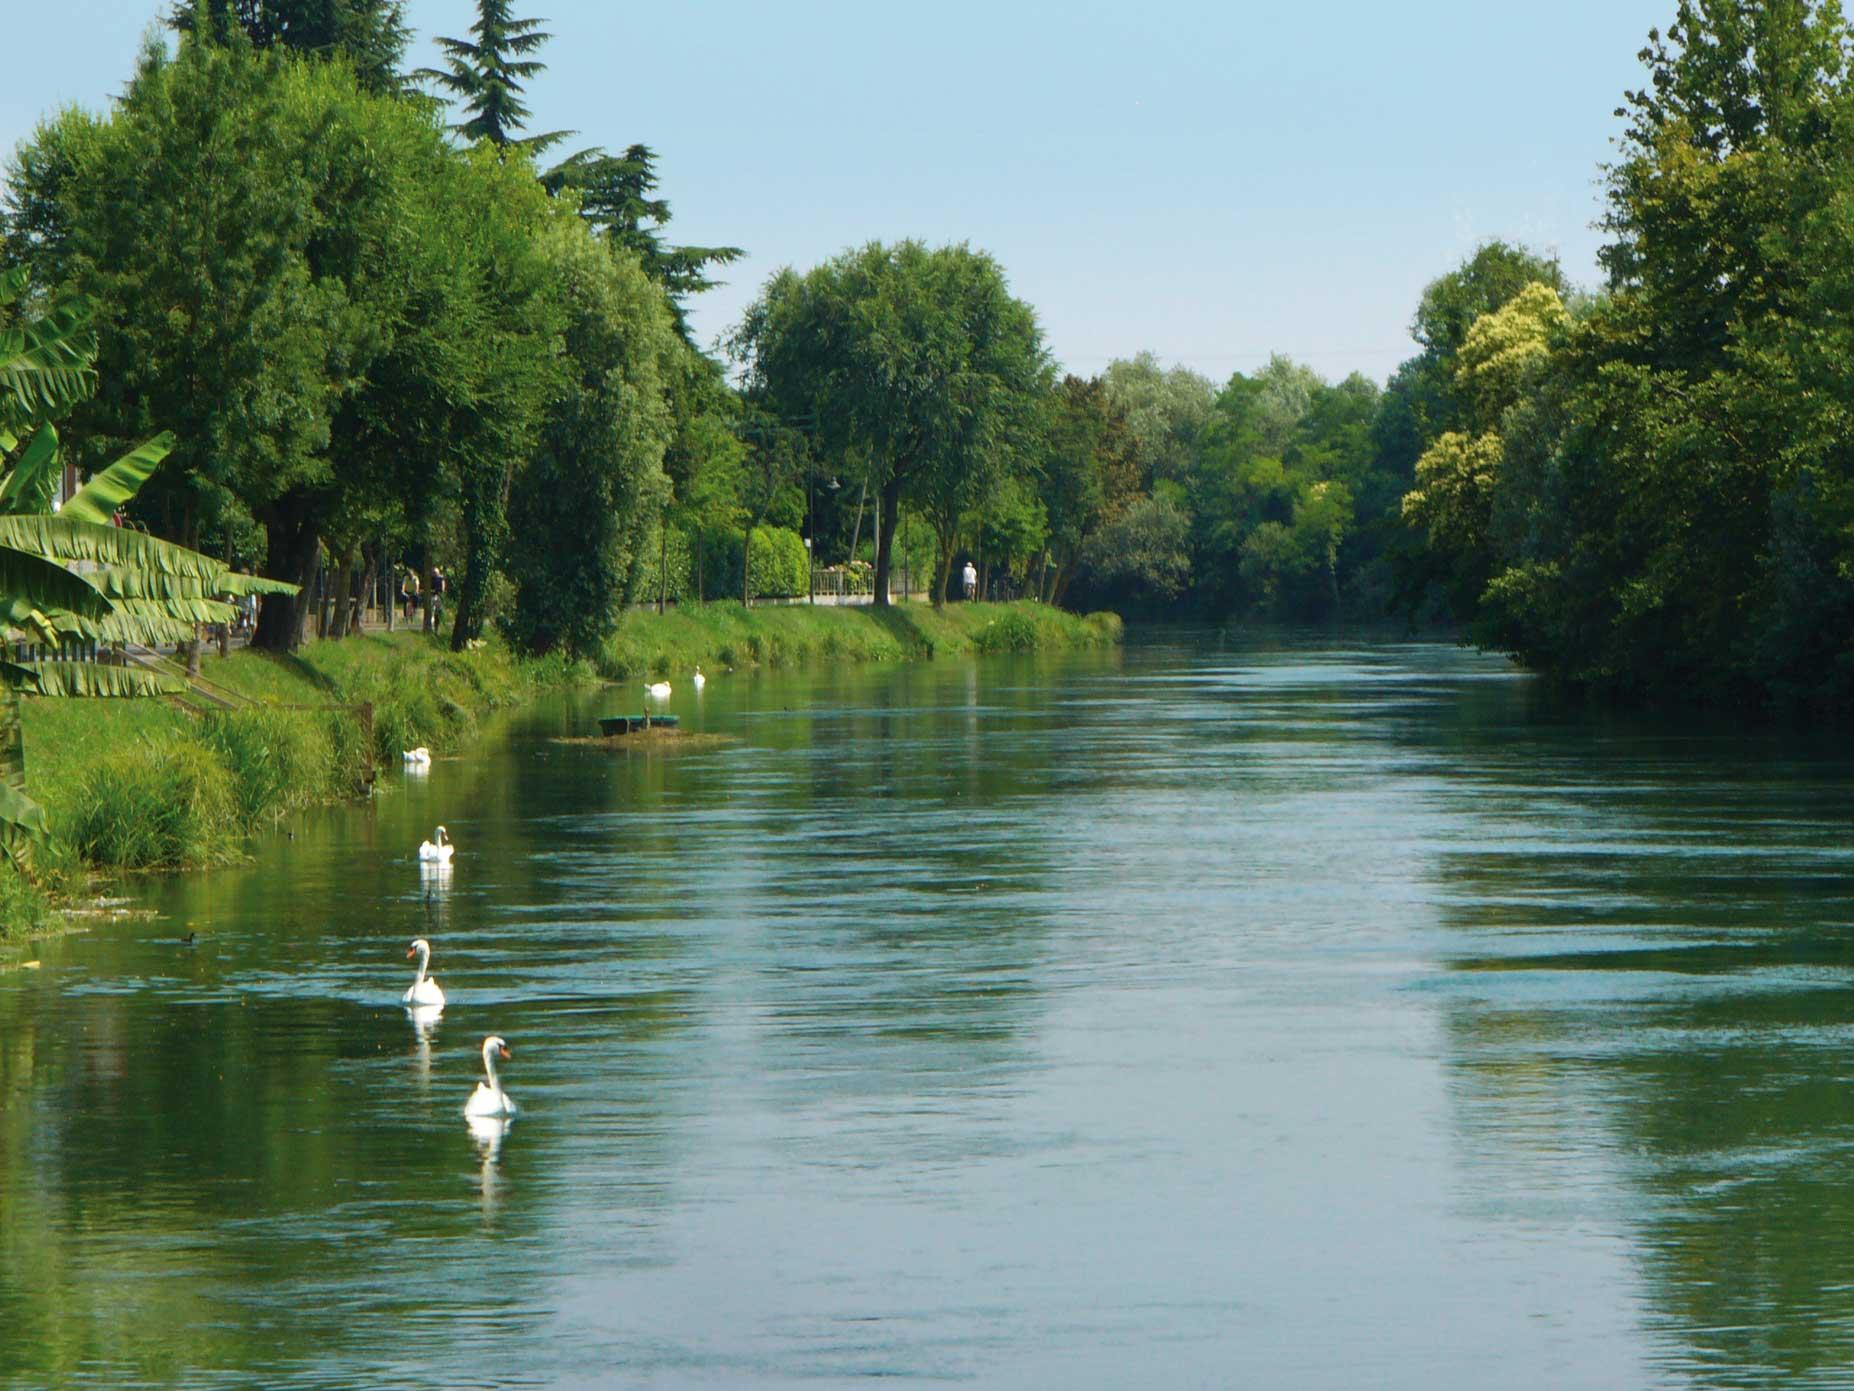 fiume sile a Treviso - SILE JAZZ - OLTRE IL CONFINE